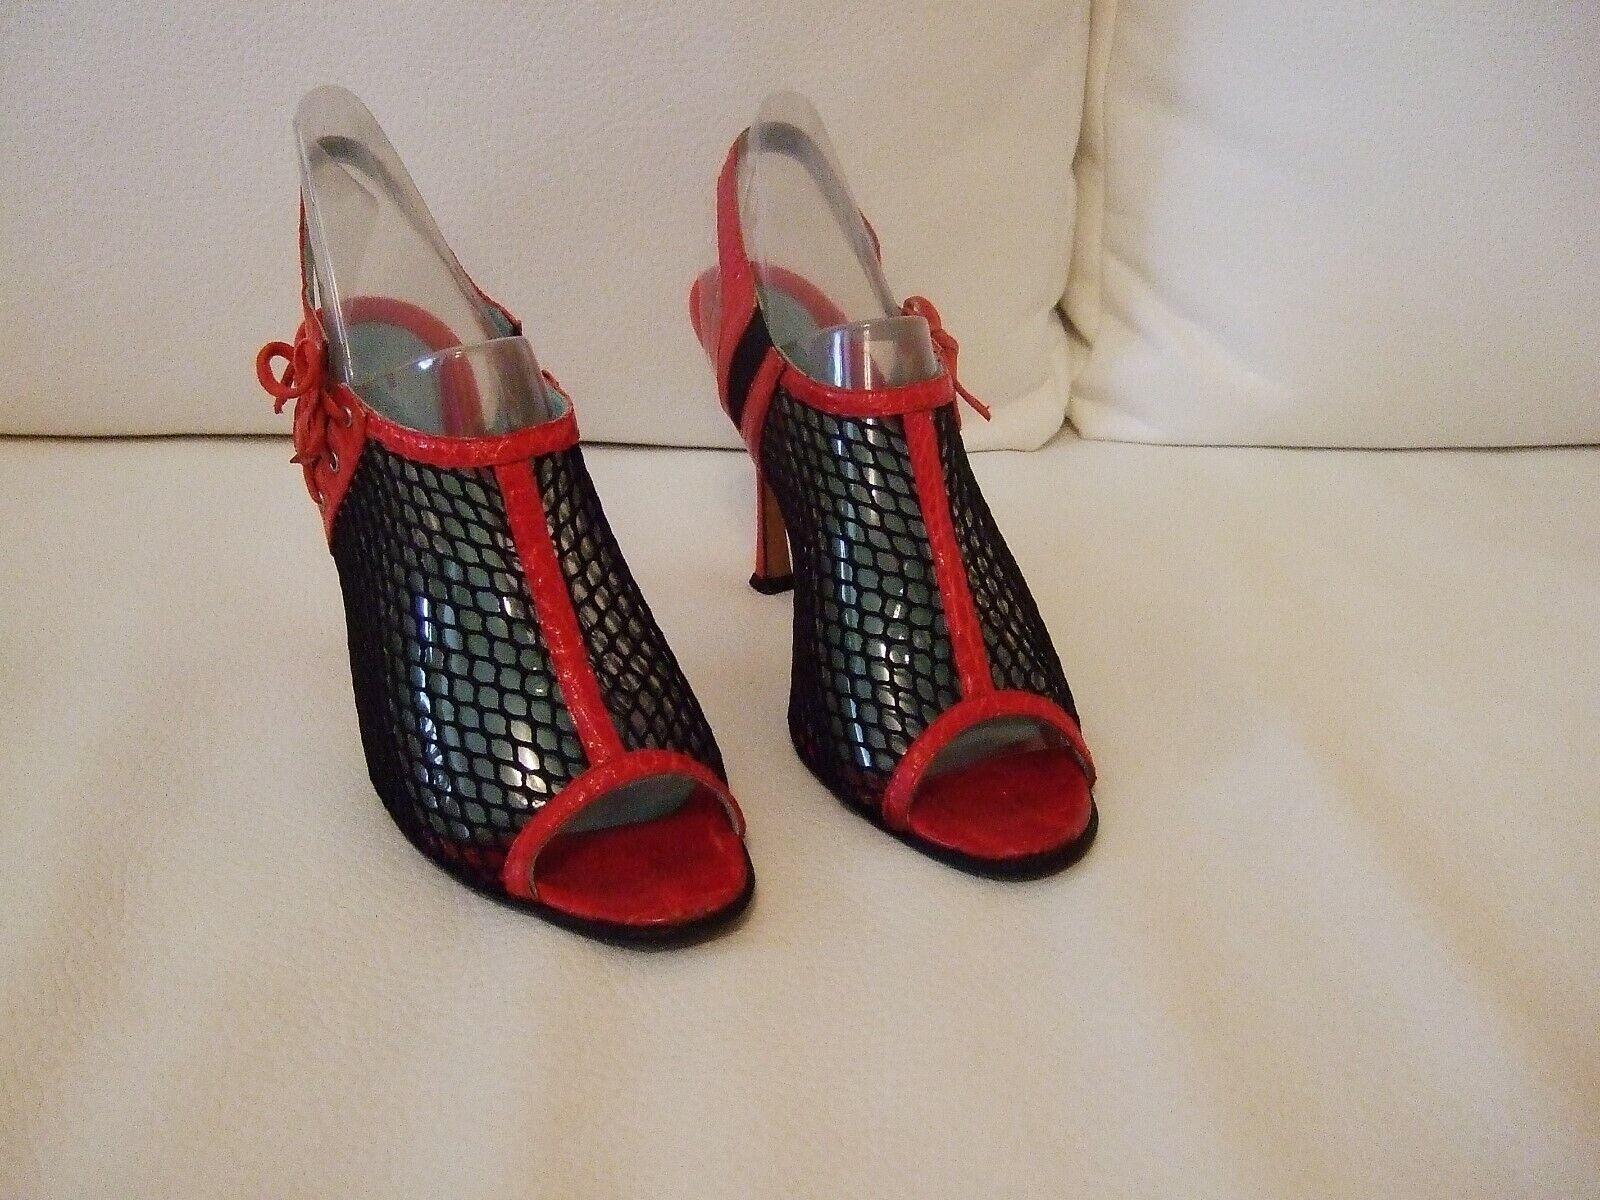 Brian Atwood Damenschuhe Größe 39,5 Farbe Rot-Schwarz